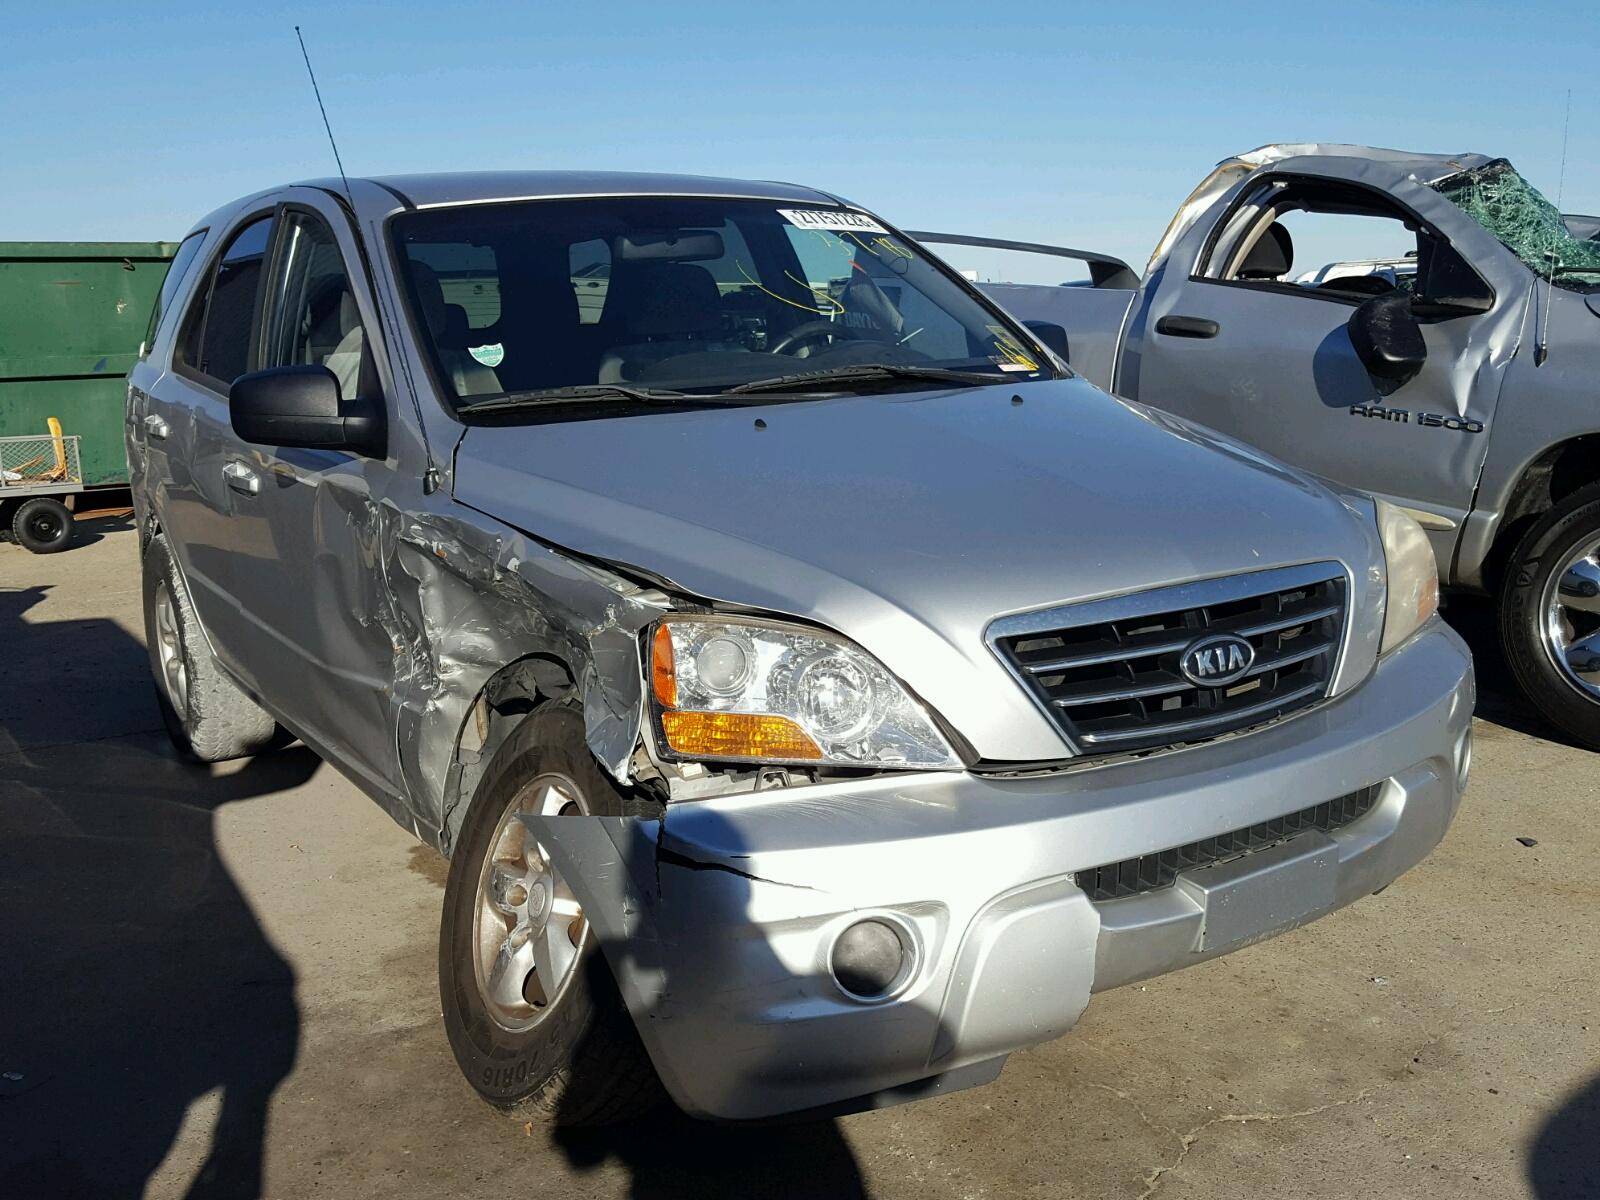 Kia Columbia Mo >> Auto Auction Ended on VIN: KNDJT2A27B7331191 2011 KIA SOUL in TX - HOUSTON